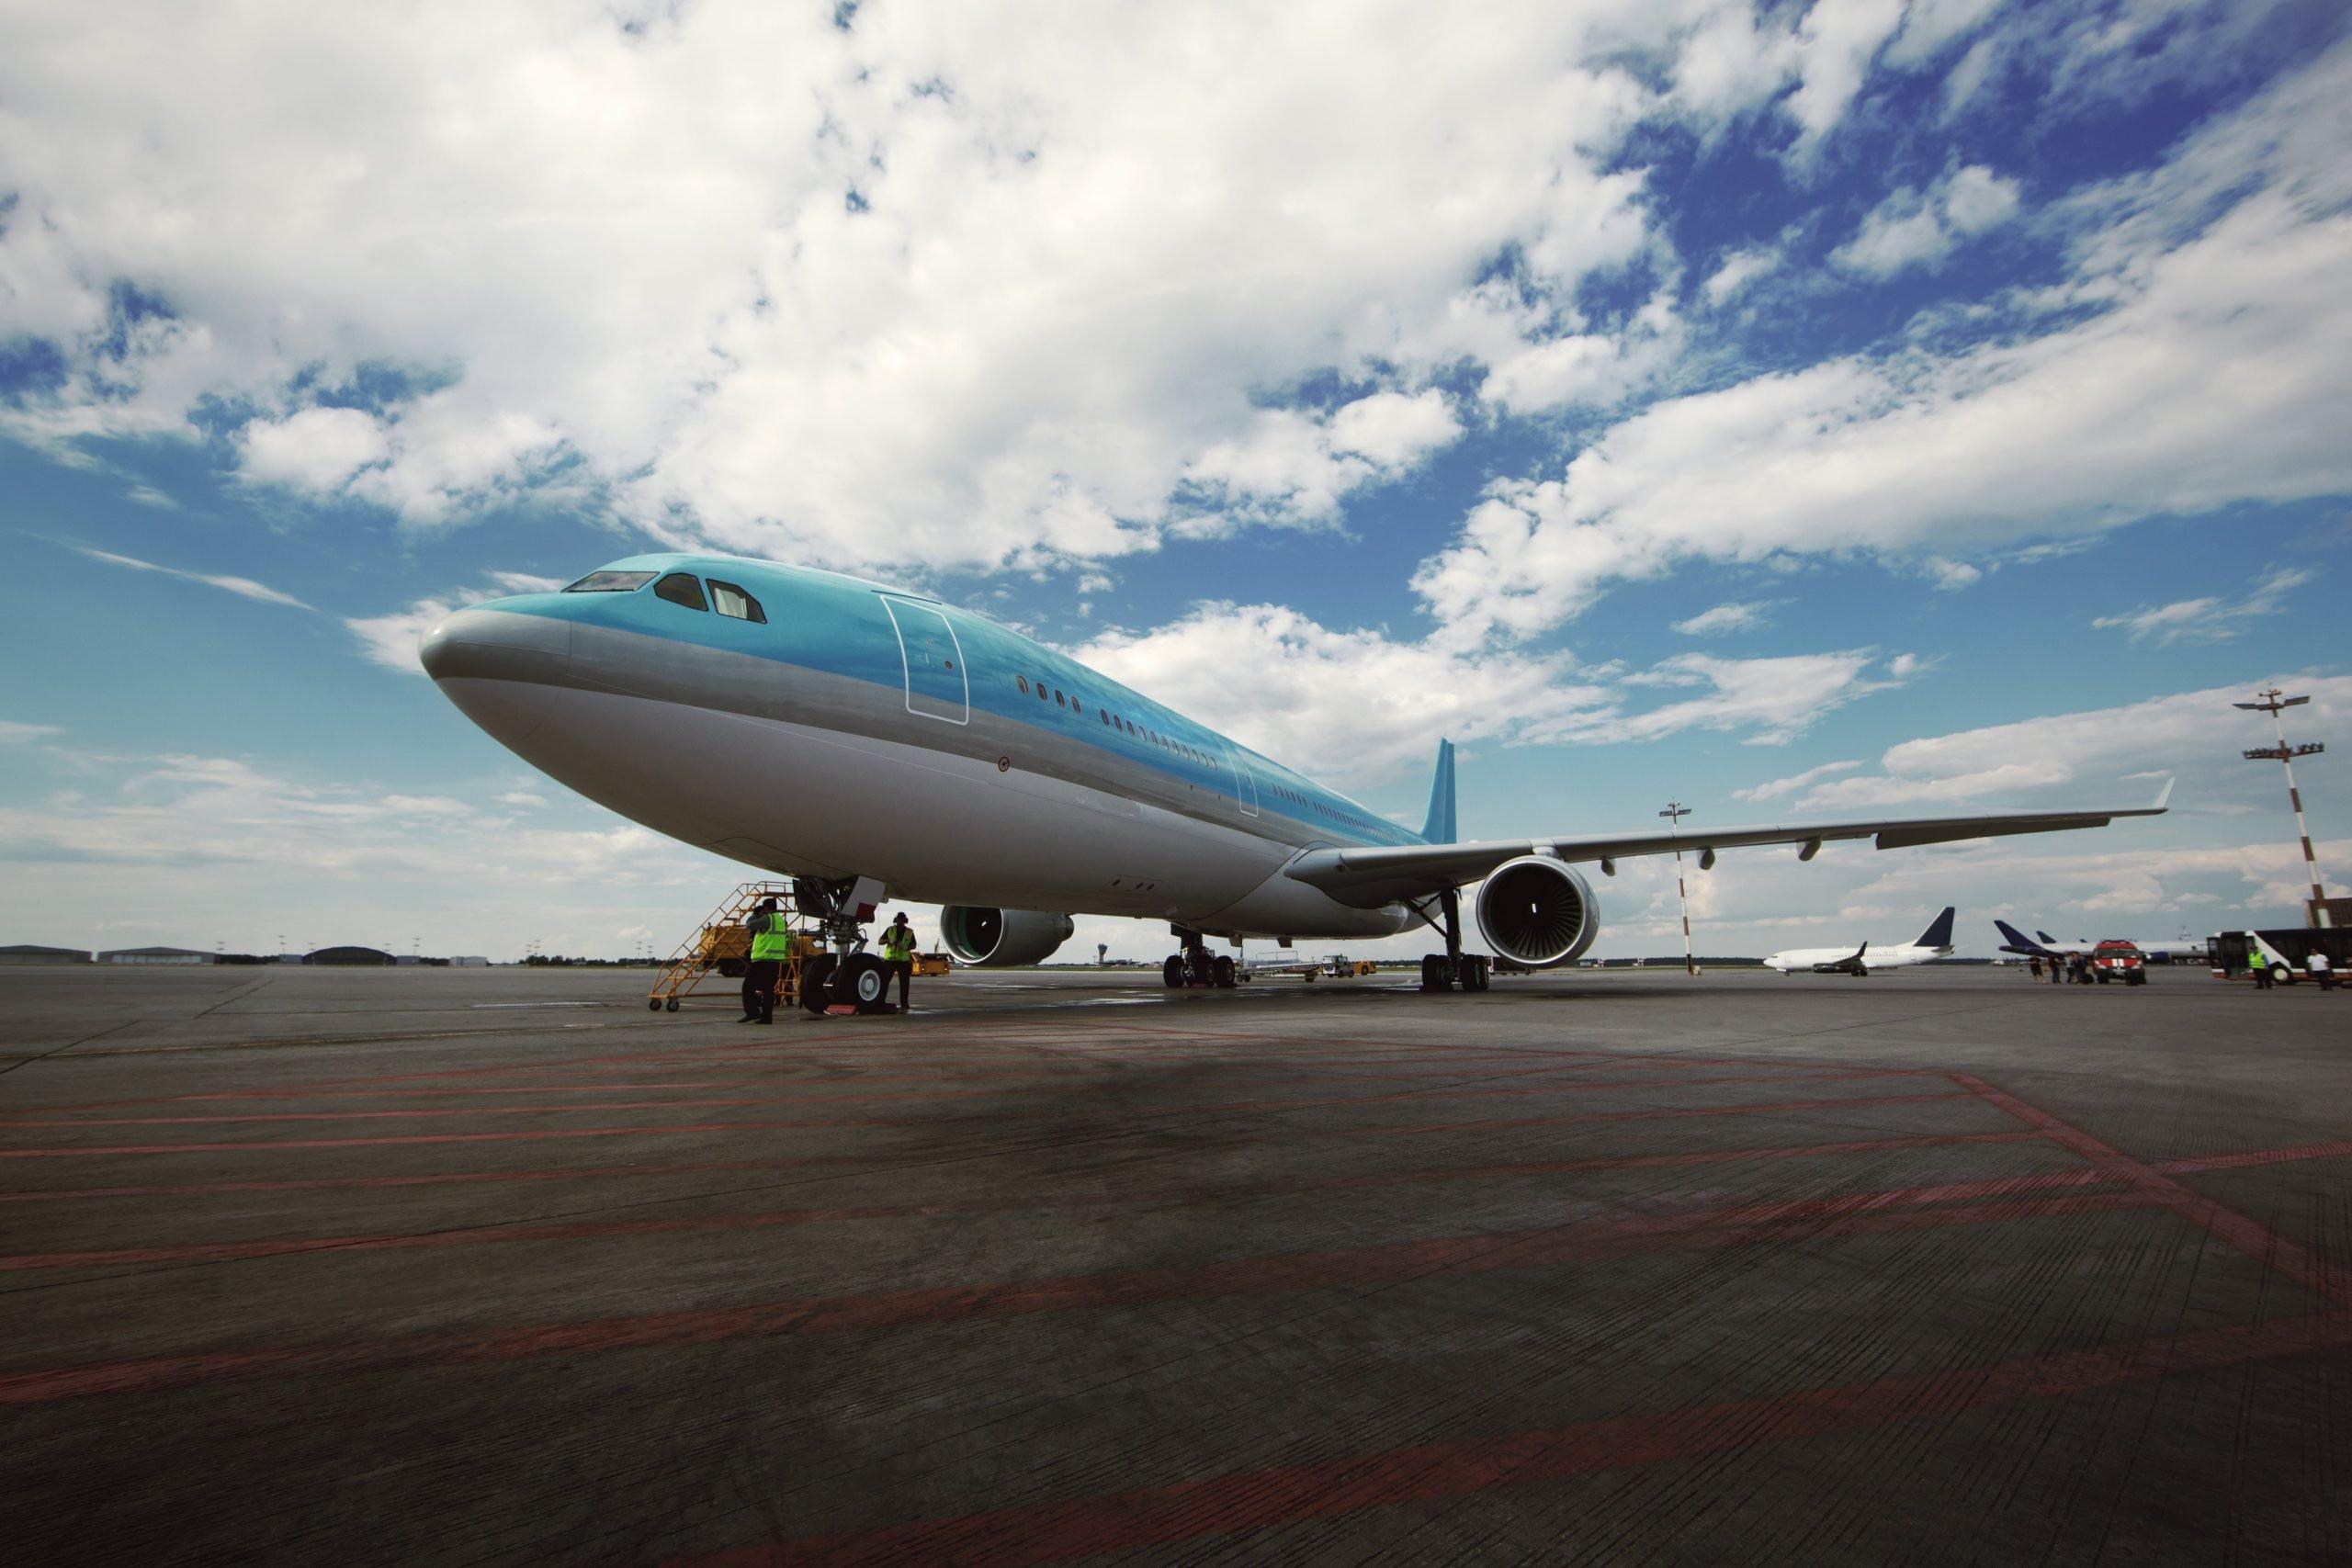 Logistica de transporte aéreo en tiempos de COVID